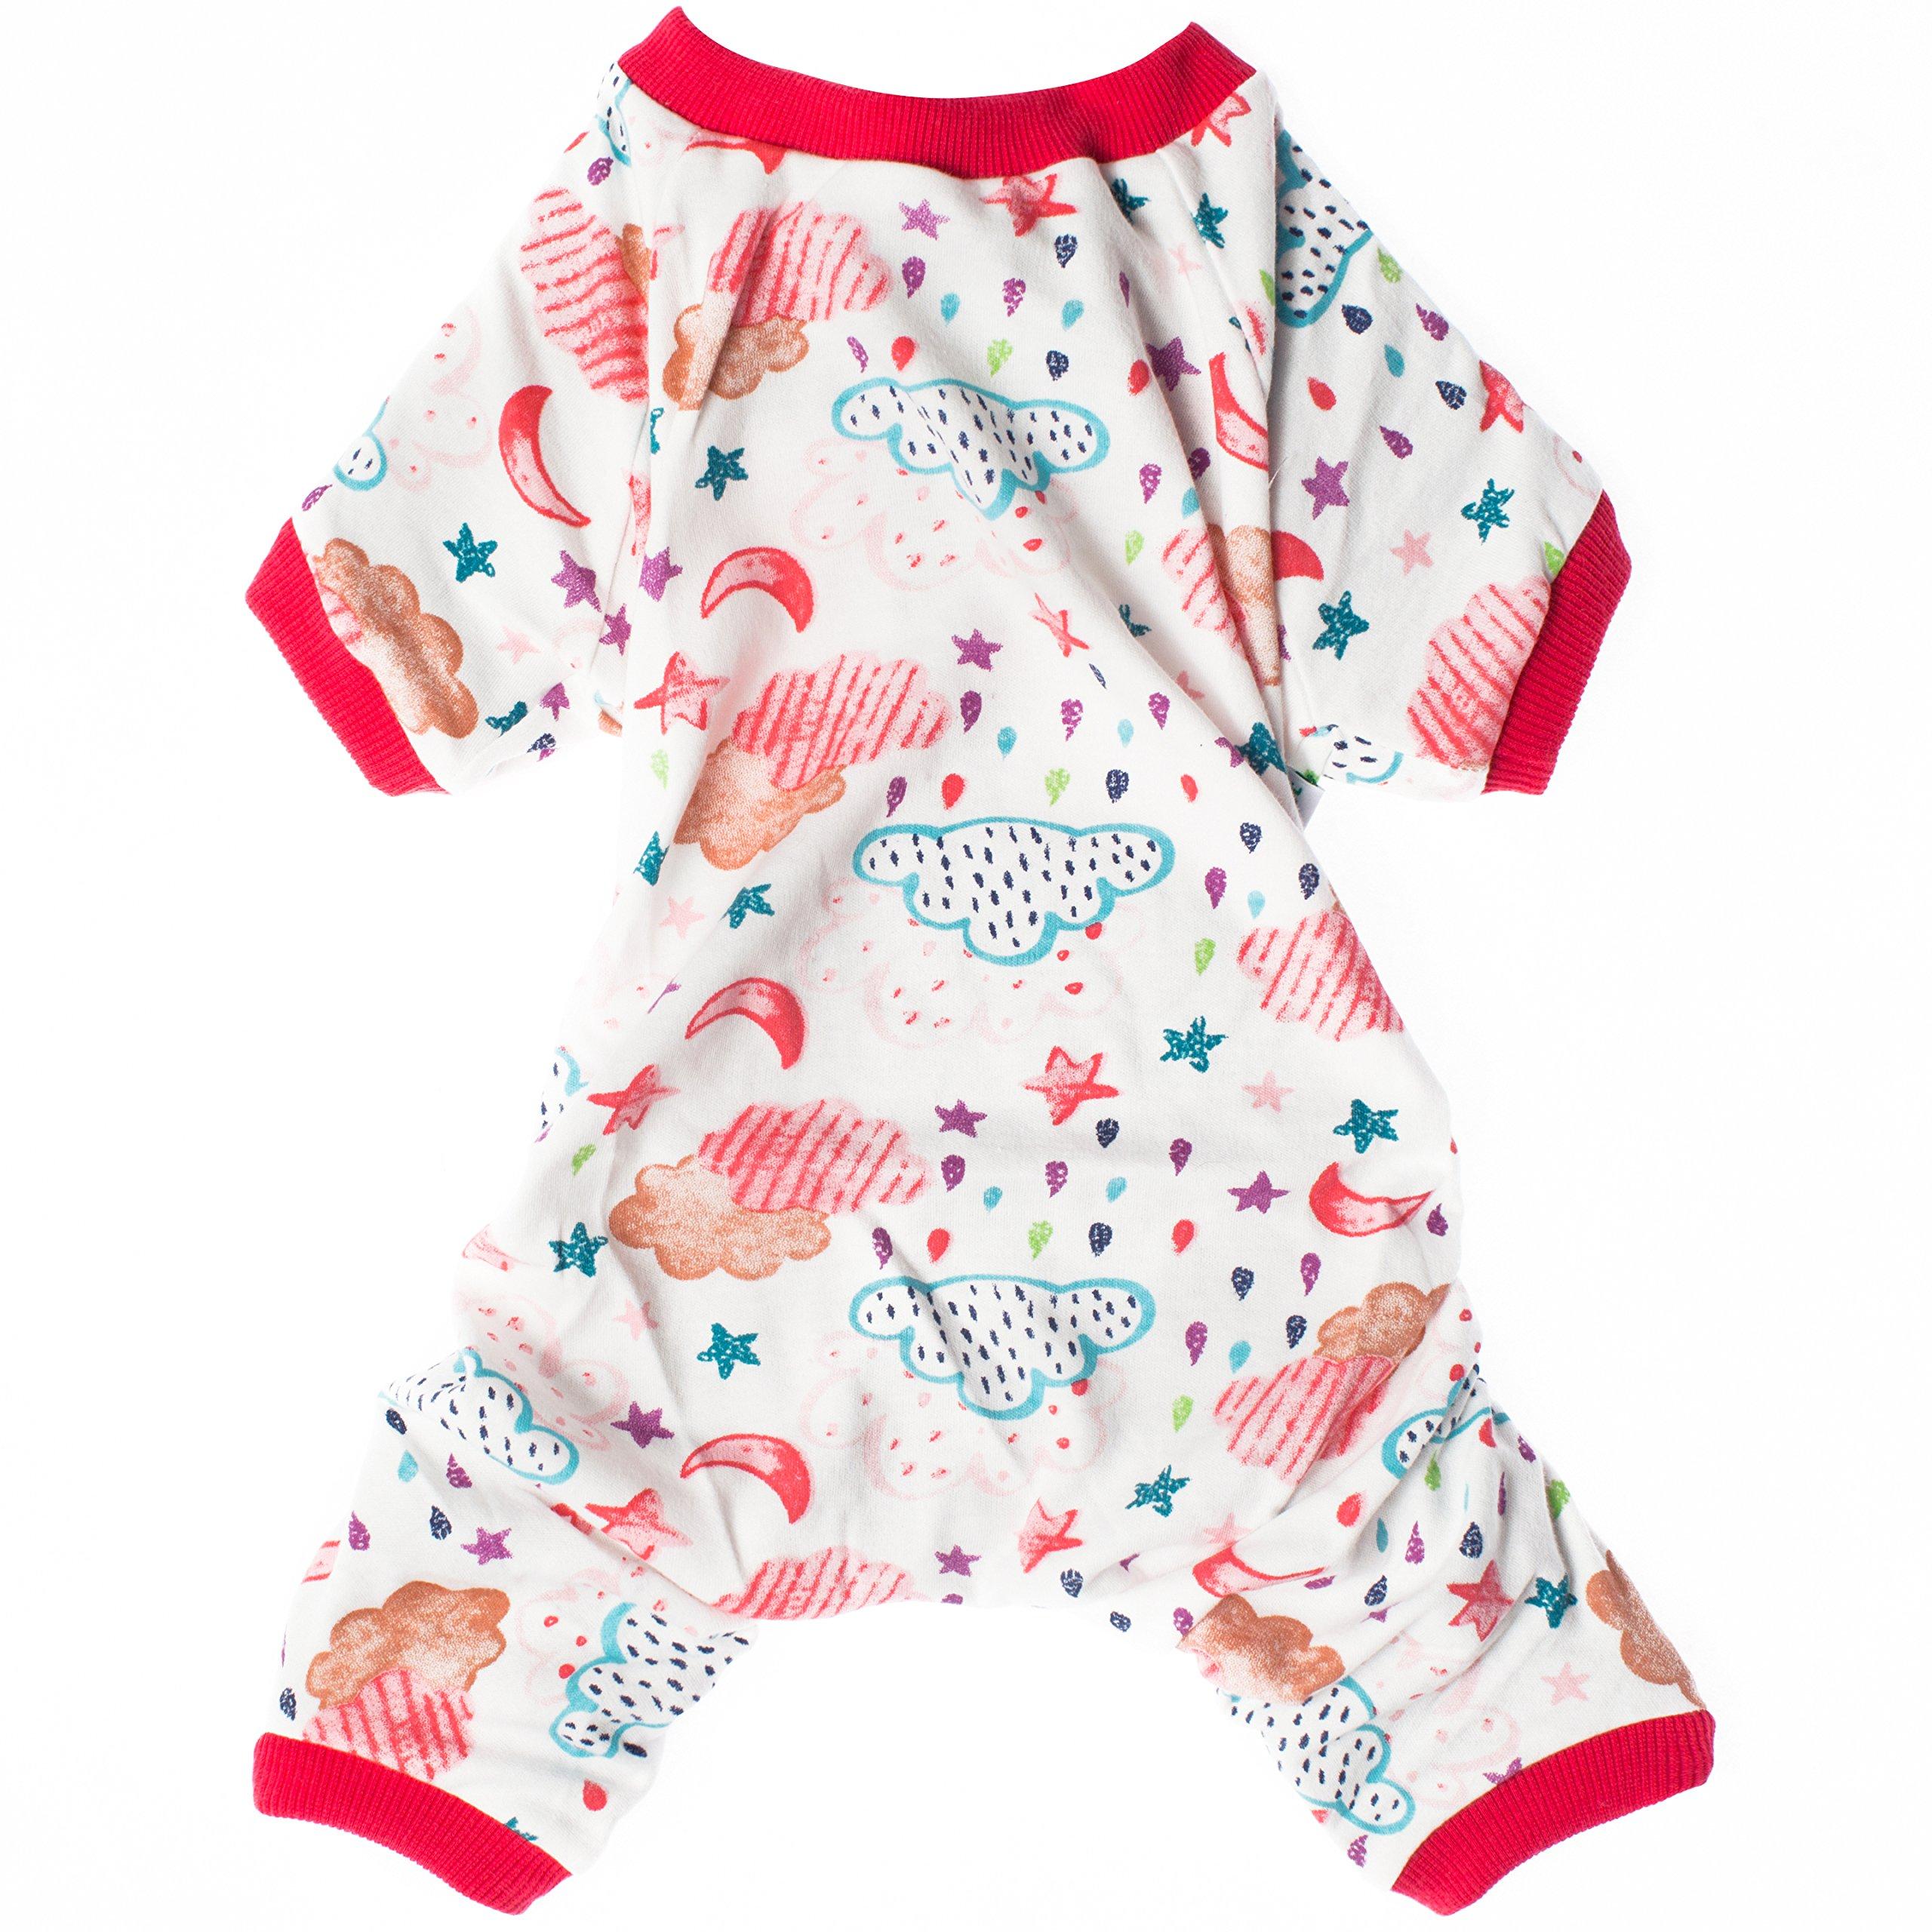 LovinPet Dog Shirt Raining Dog Apparel Dog Jumpsuit Pet Clothes Pajamas,Red,XL (Please Read Description)